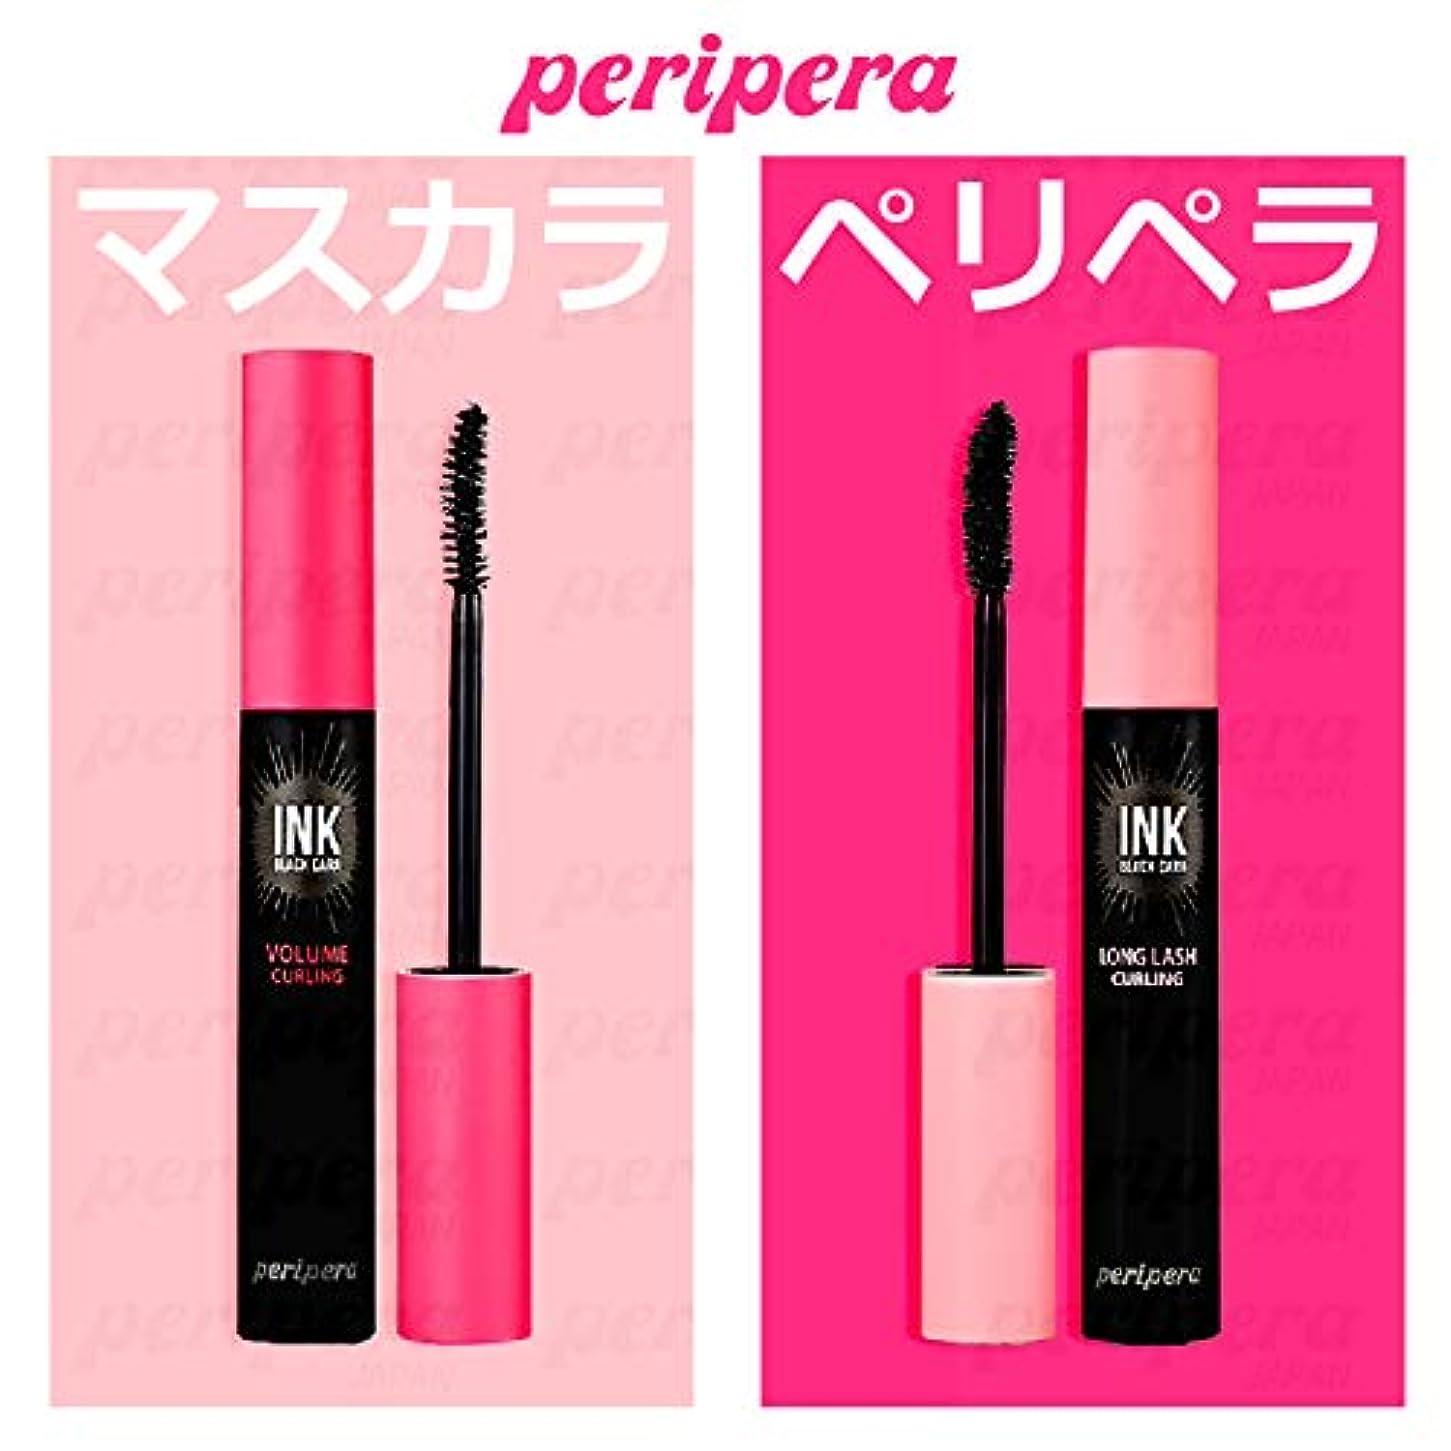 分解するお父さん昼間[New] Peripera Ink Black Cara (#1 Long Lash Curling) / ペリペラ インクブラックカラ(#1ロング) [並行輸入品]